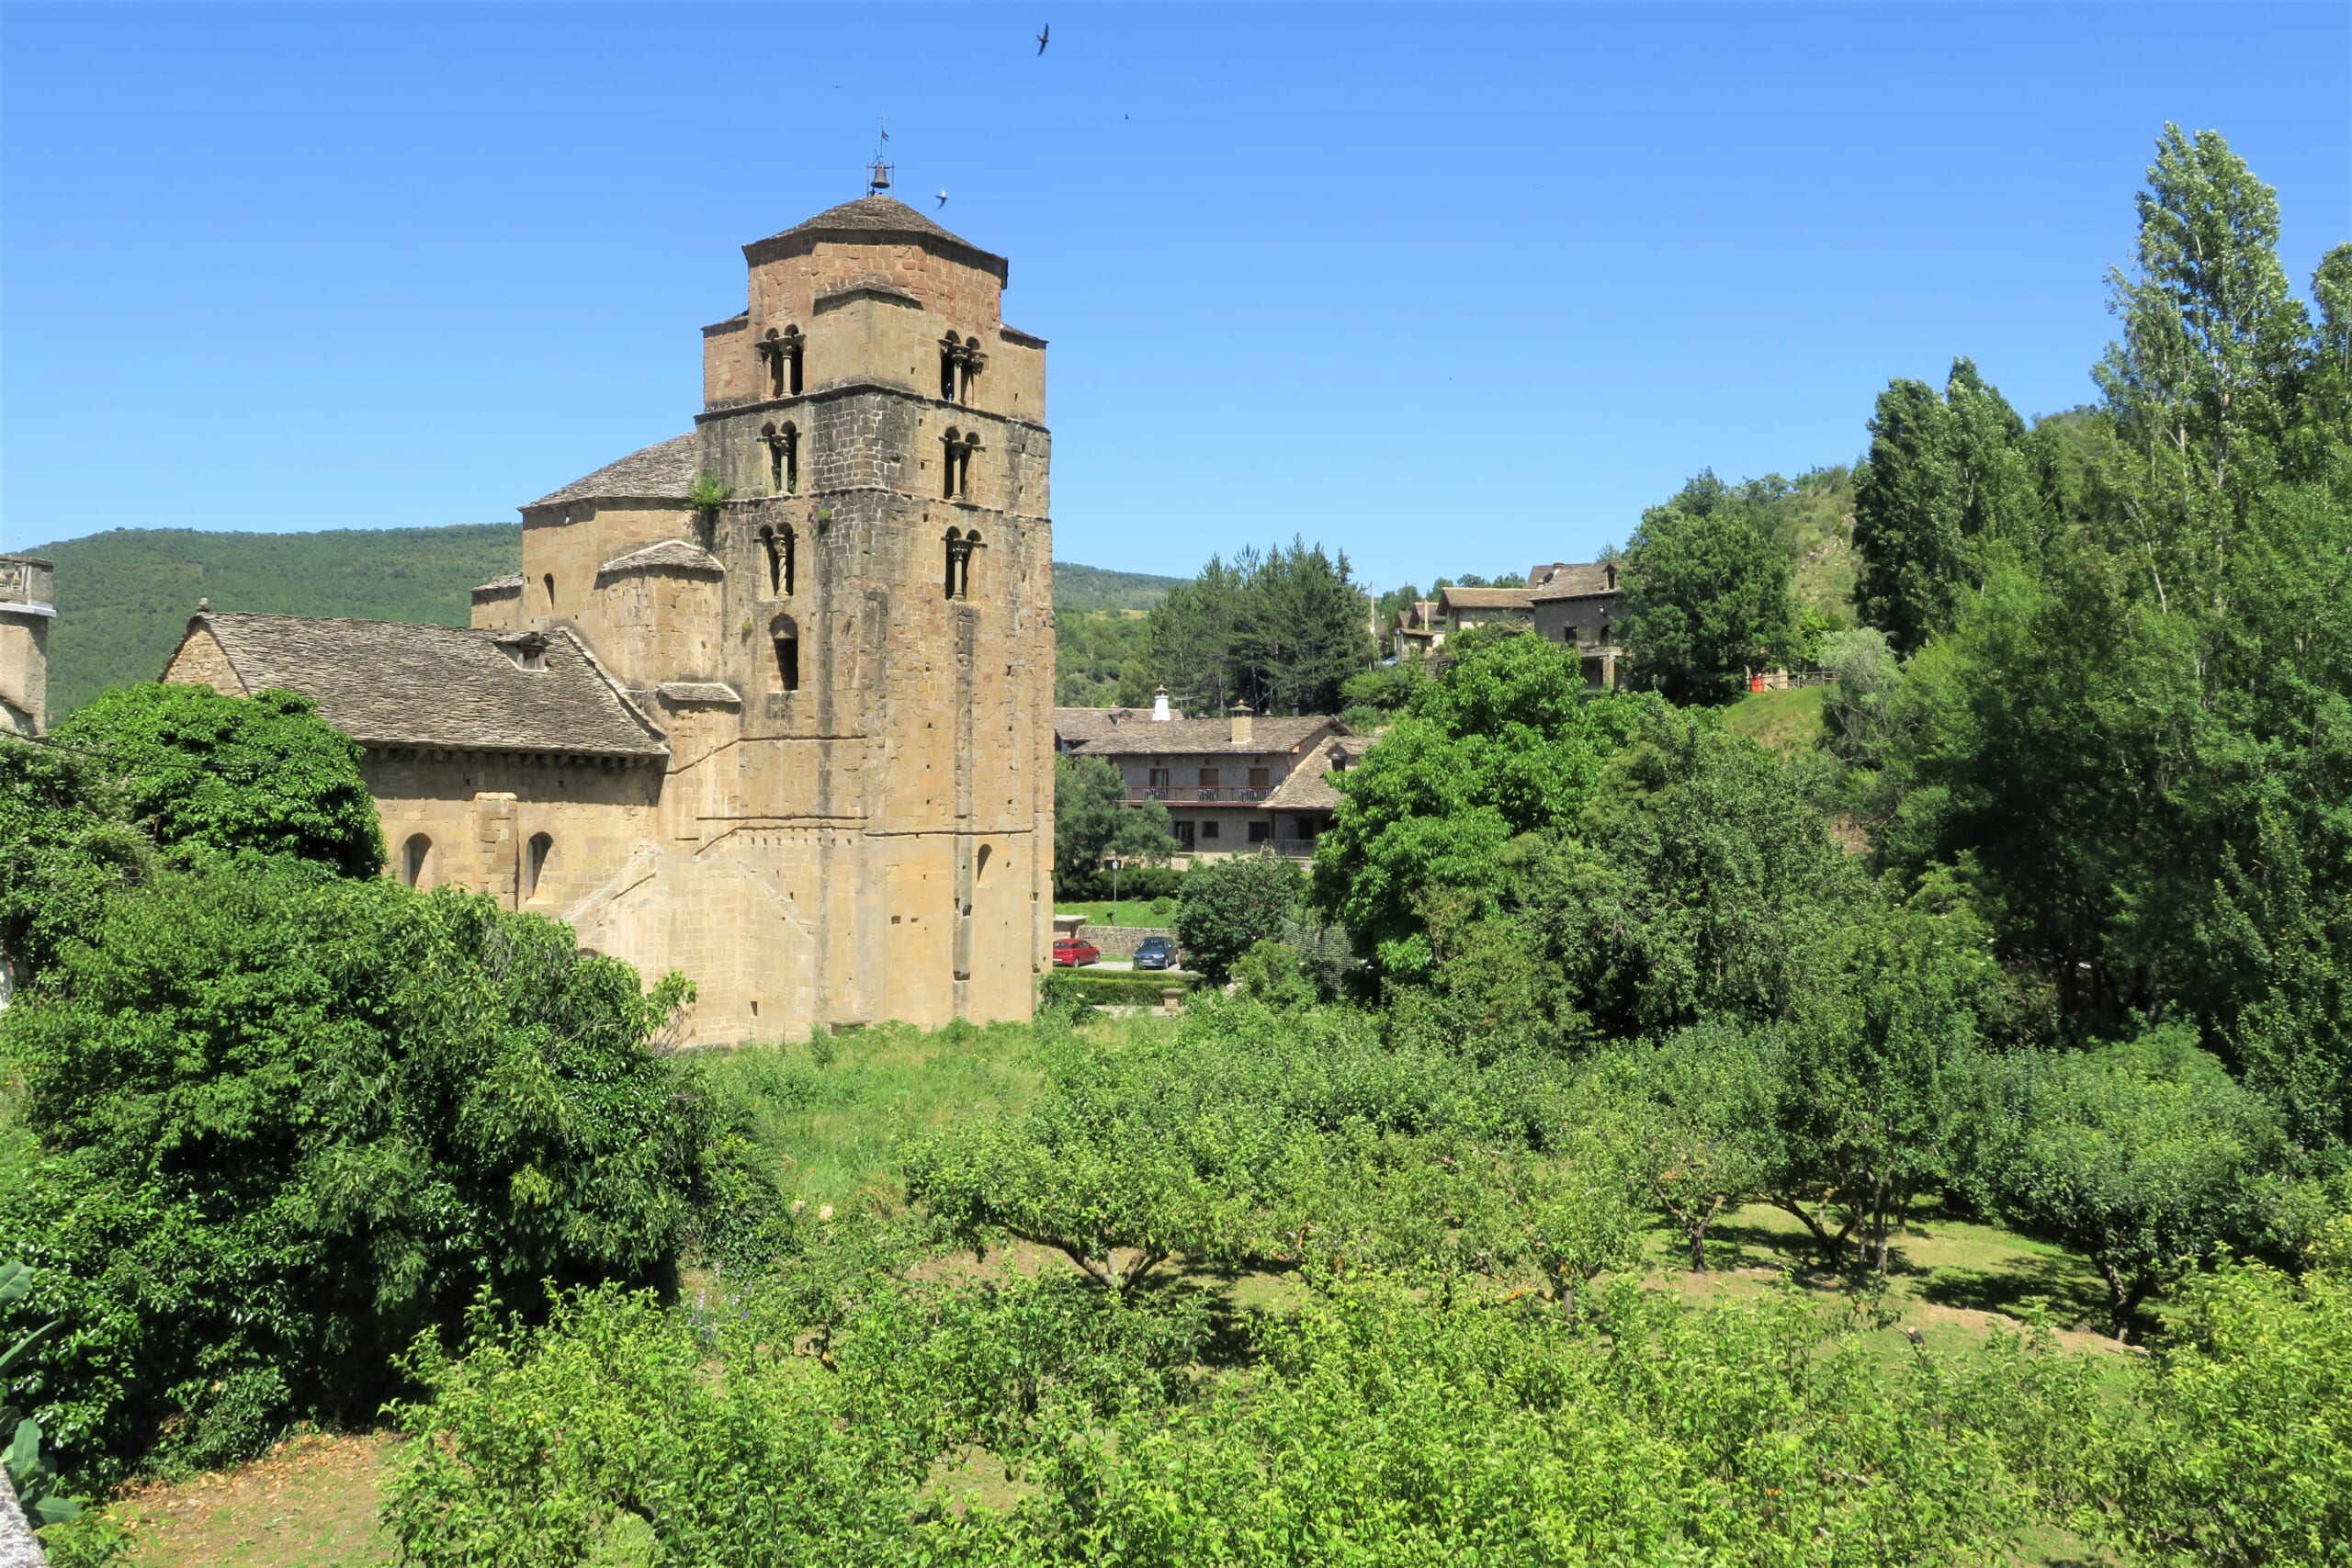 北スペインの観光スポットであるアラゴンのサンタ・クルス・デ・ラ・セロス